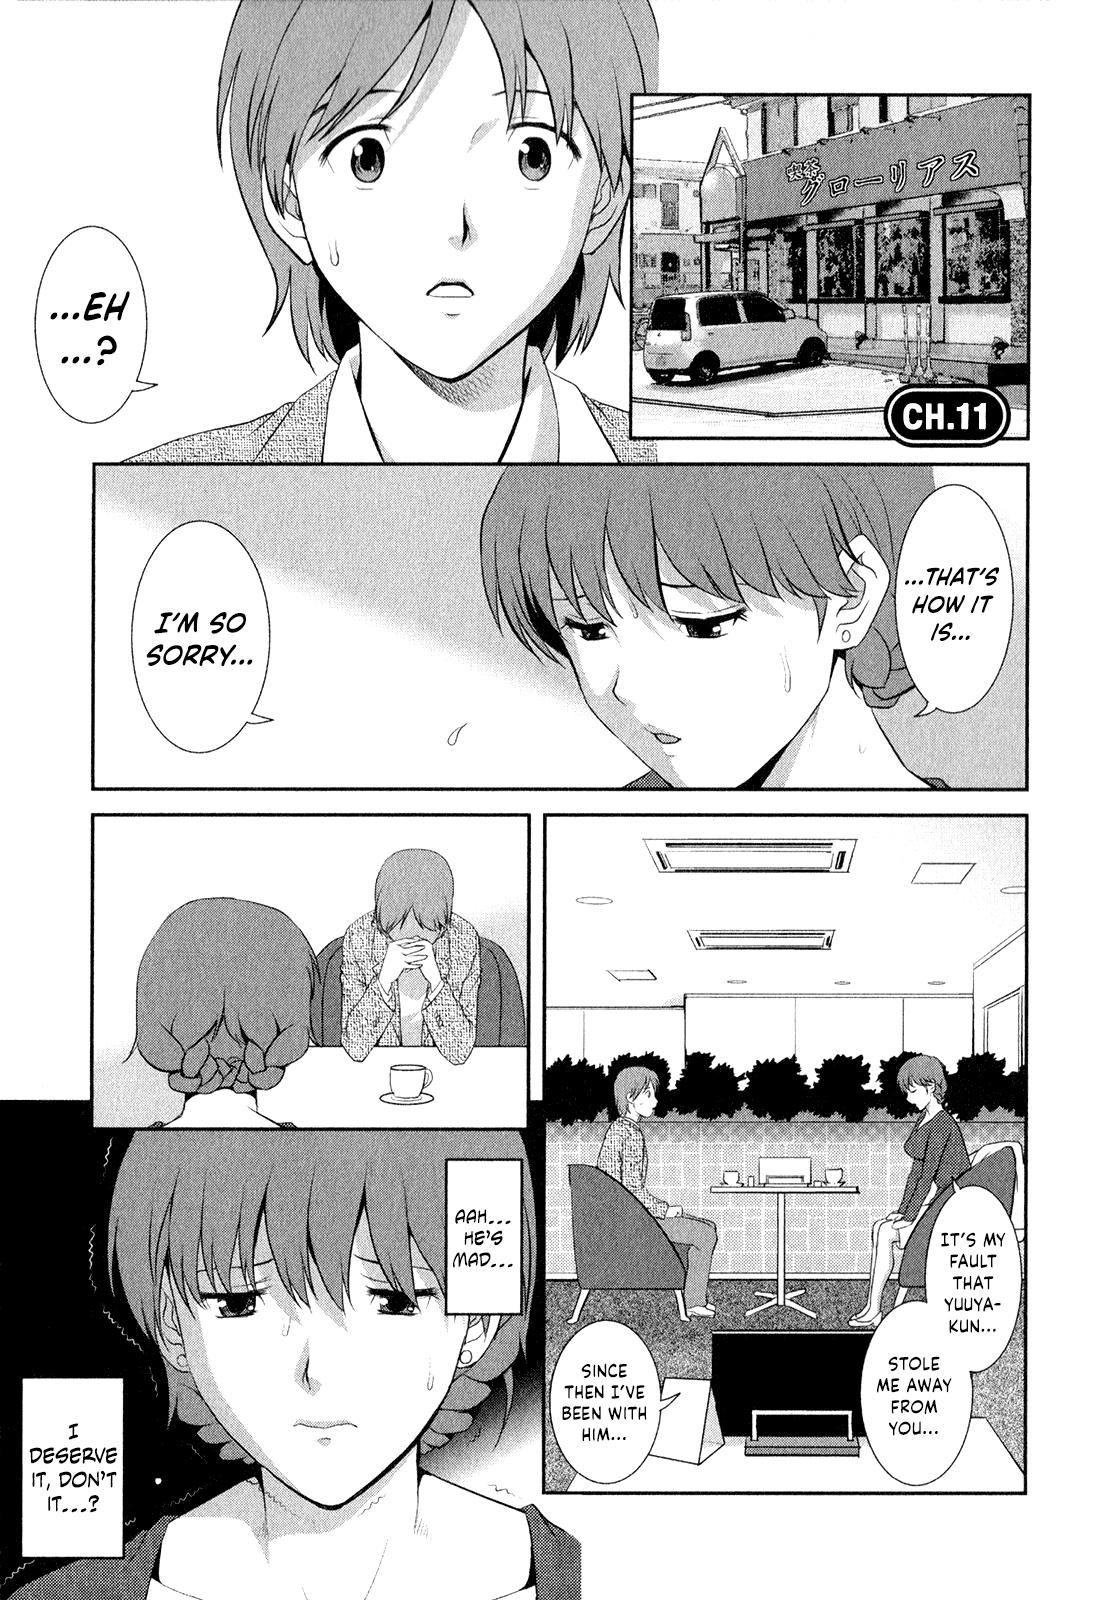 [Saigado] Hitozuma Audrey-san no Himitsu ~30-sai kara no Furyou Tsuma Kouza~ - Vol. 2 [English] {Hennojin} 49